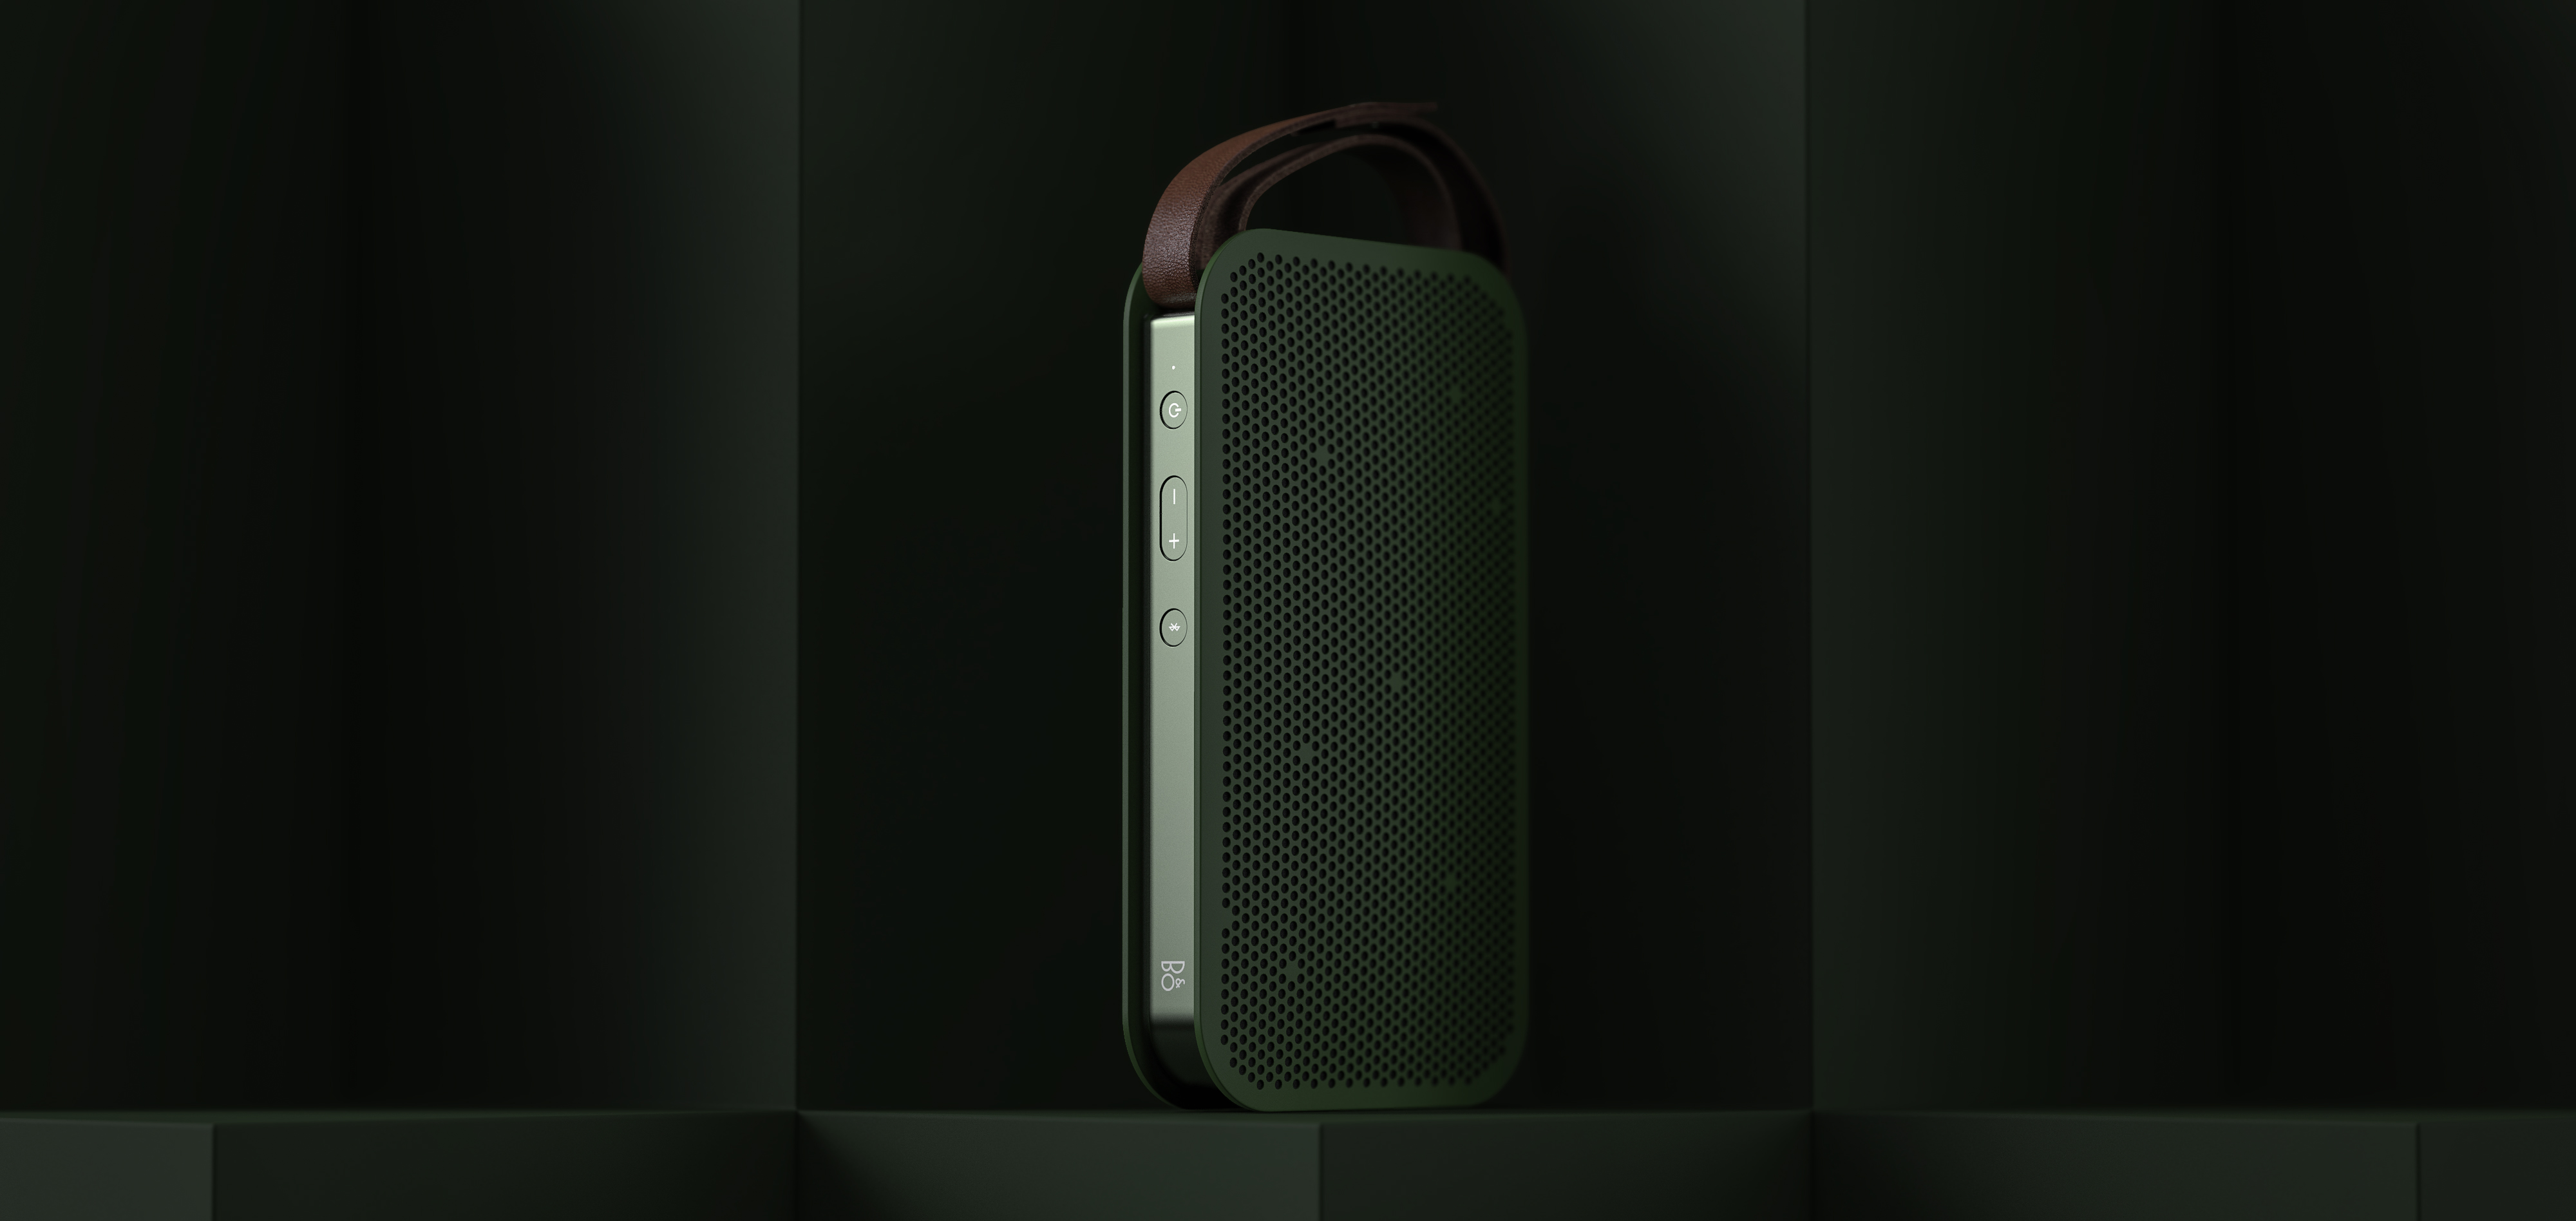 B&O A2蓝牙音箱渲染